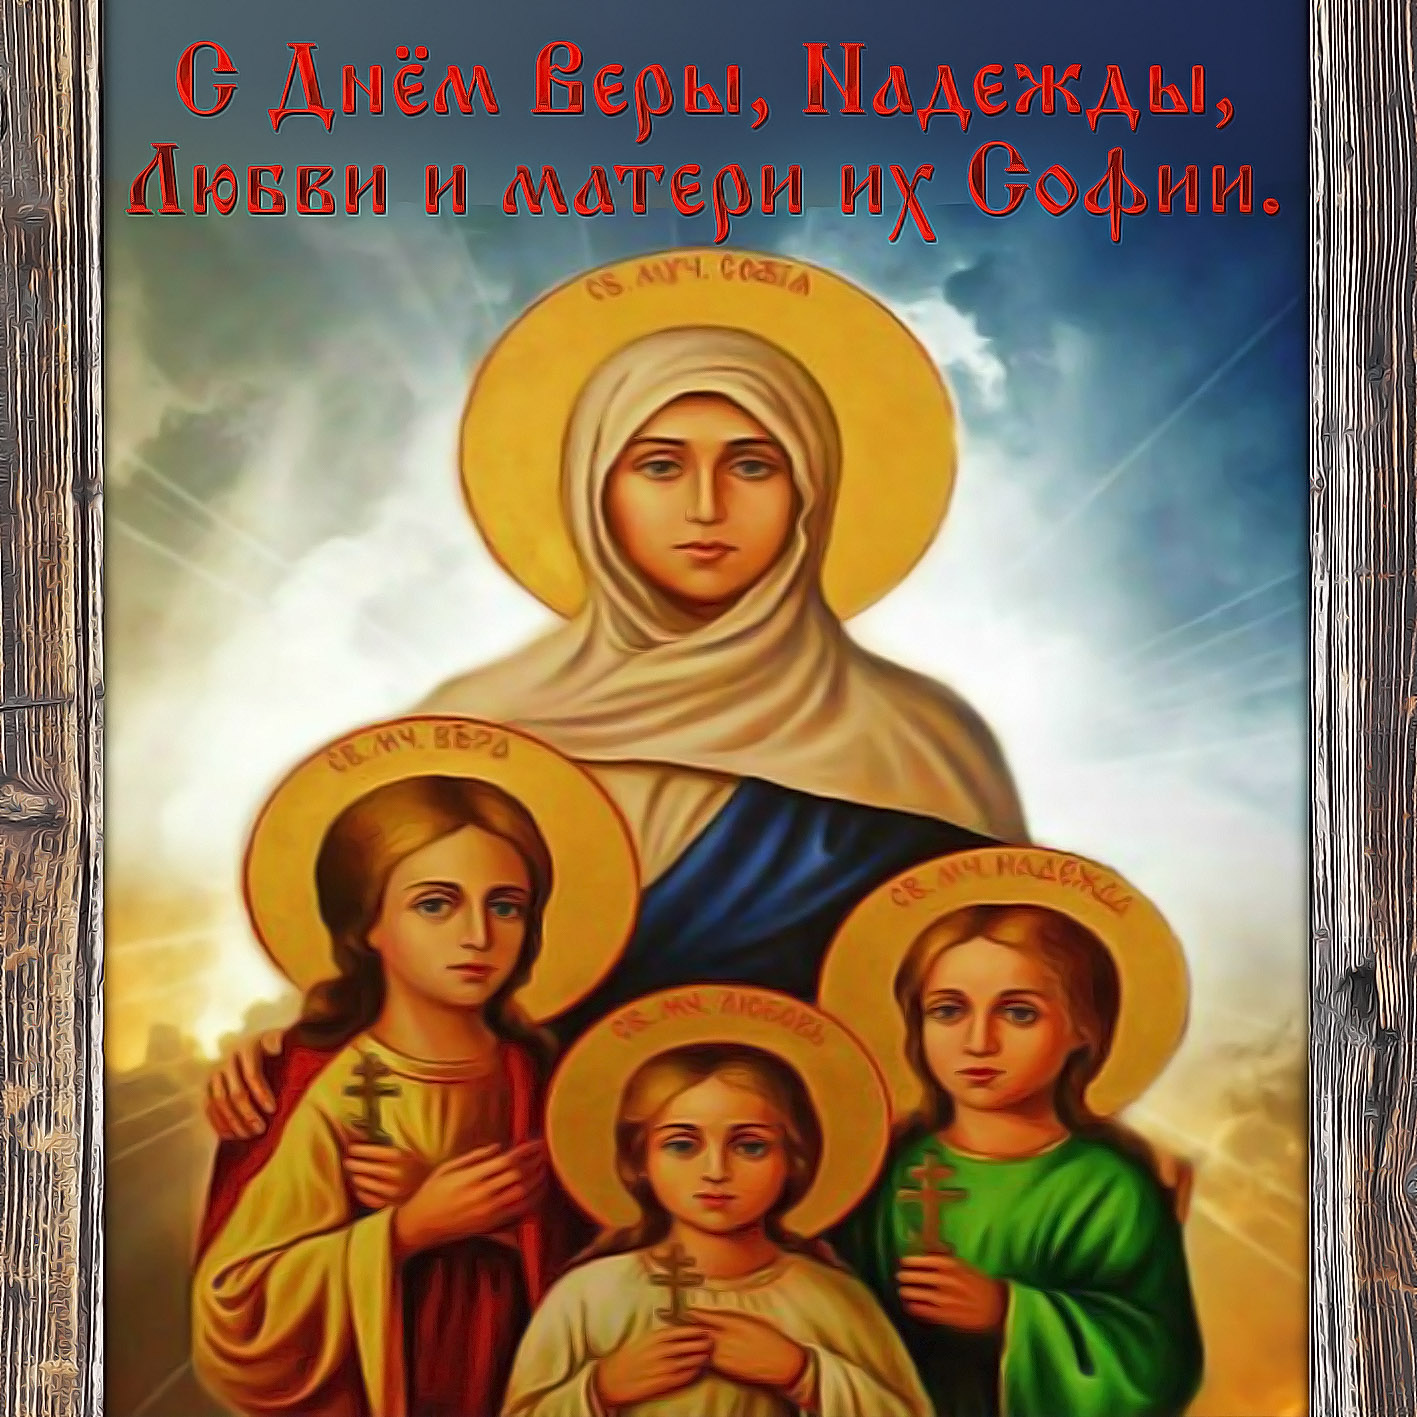 Международному, открытка веры надежды и любви и матери их